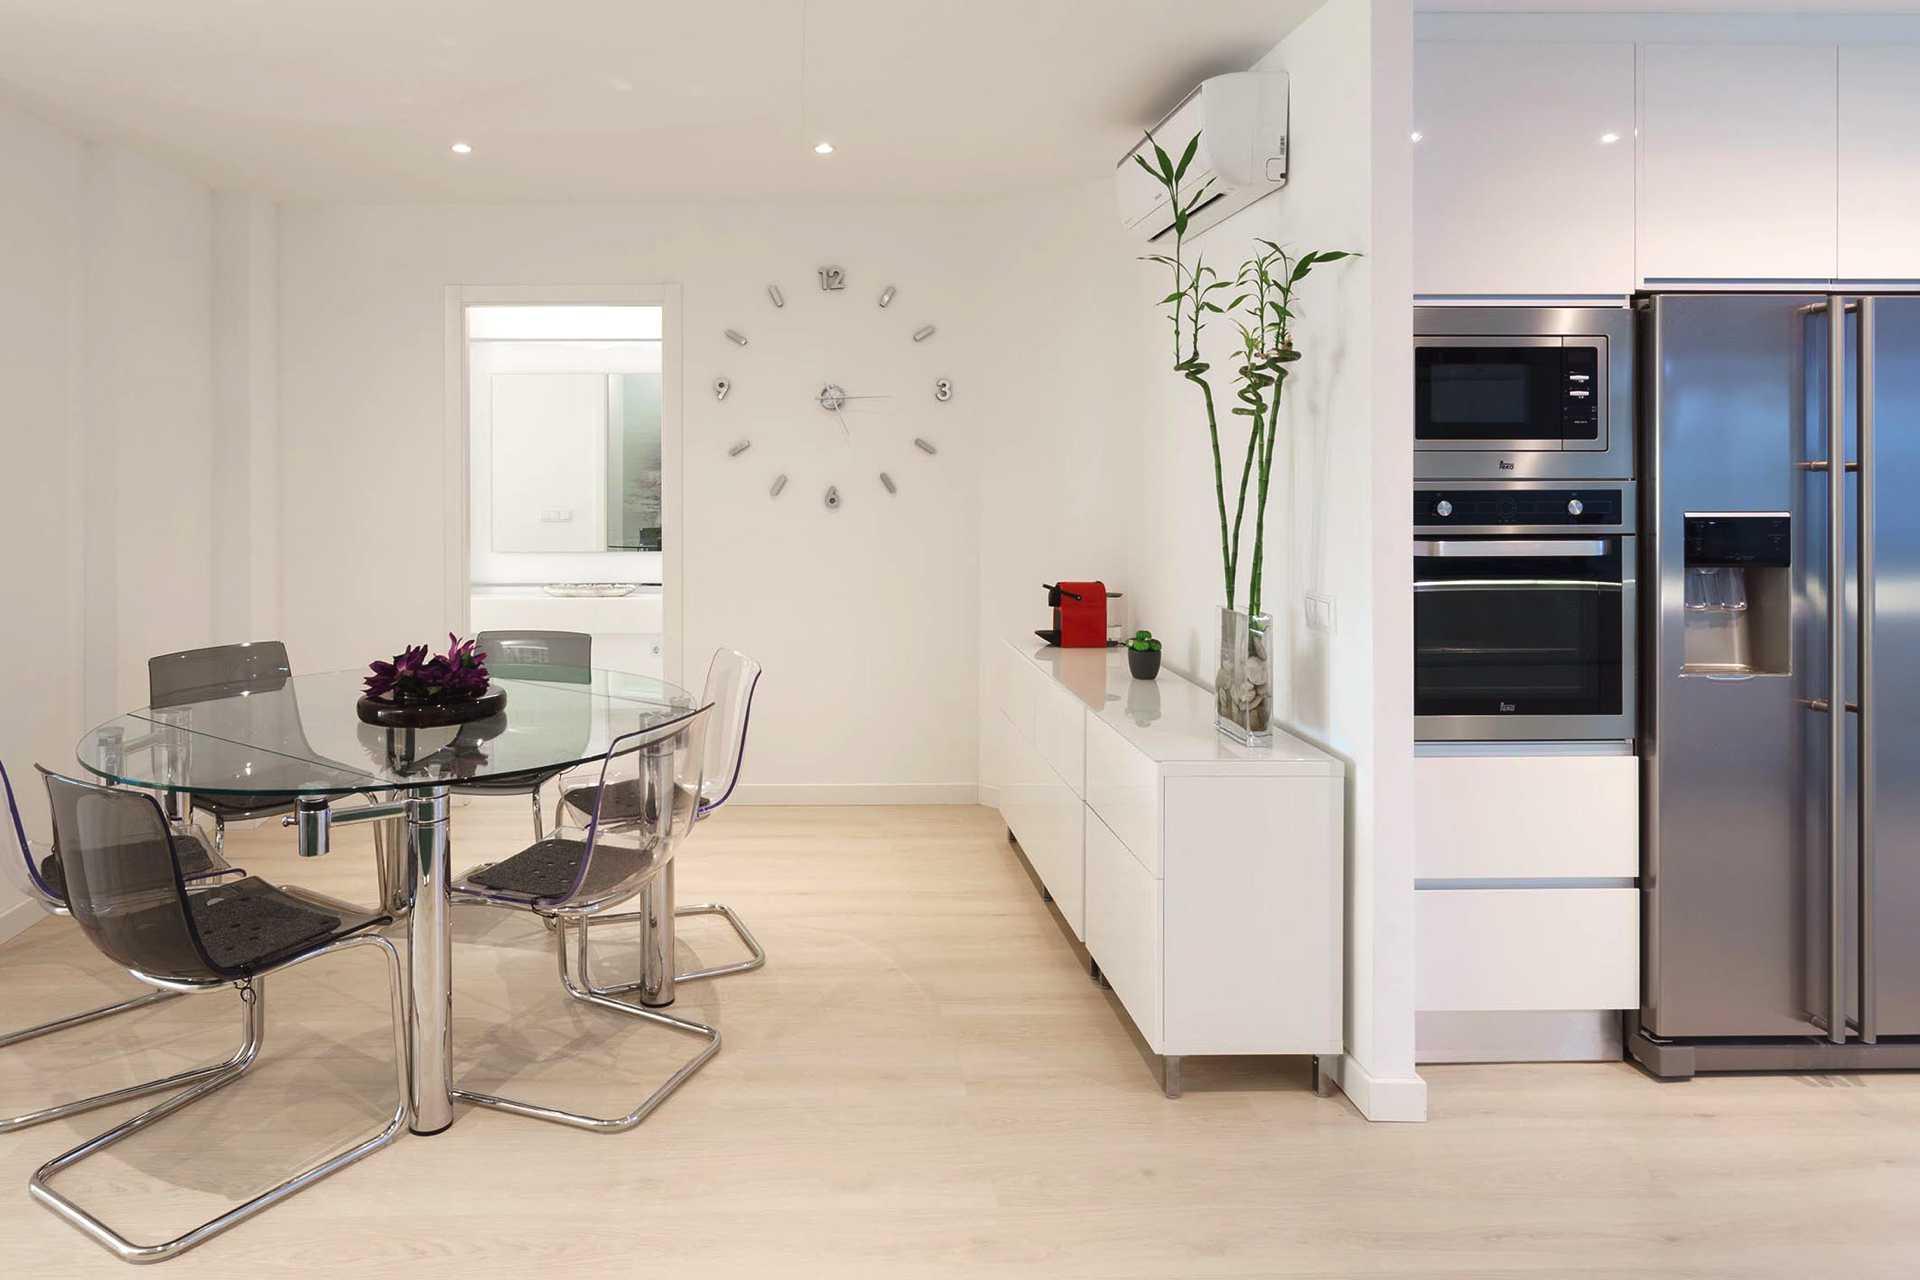 01-291 exclusive apartment Mallorca north Bild 16